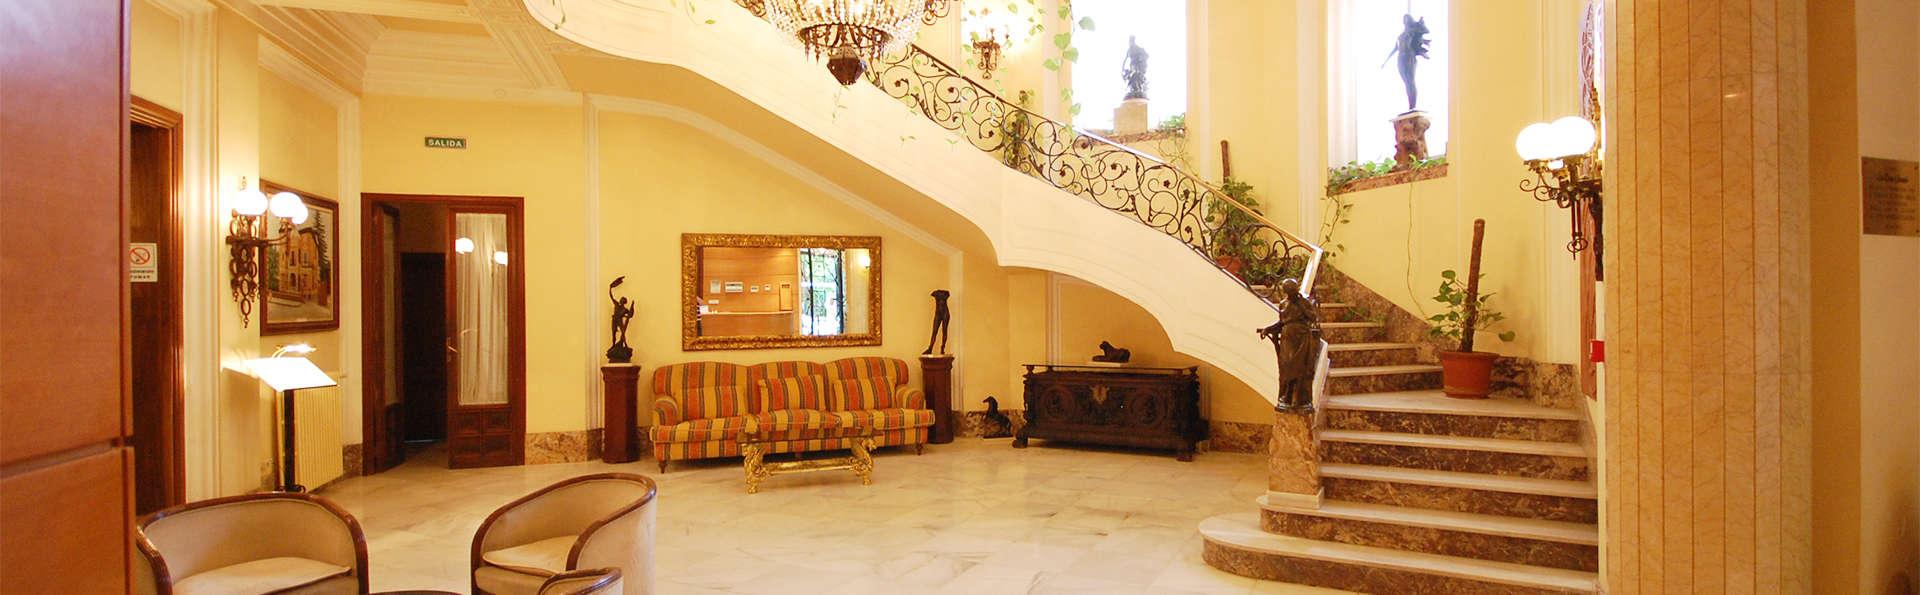 Hotel La Casa Grande de Baena - EDIT_lobby2.jpg